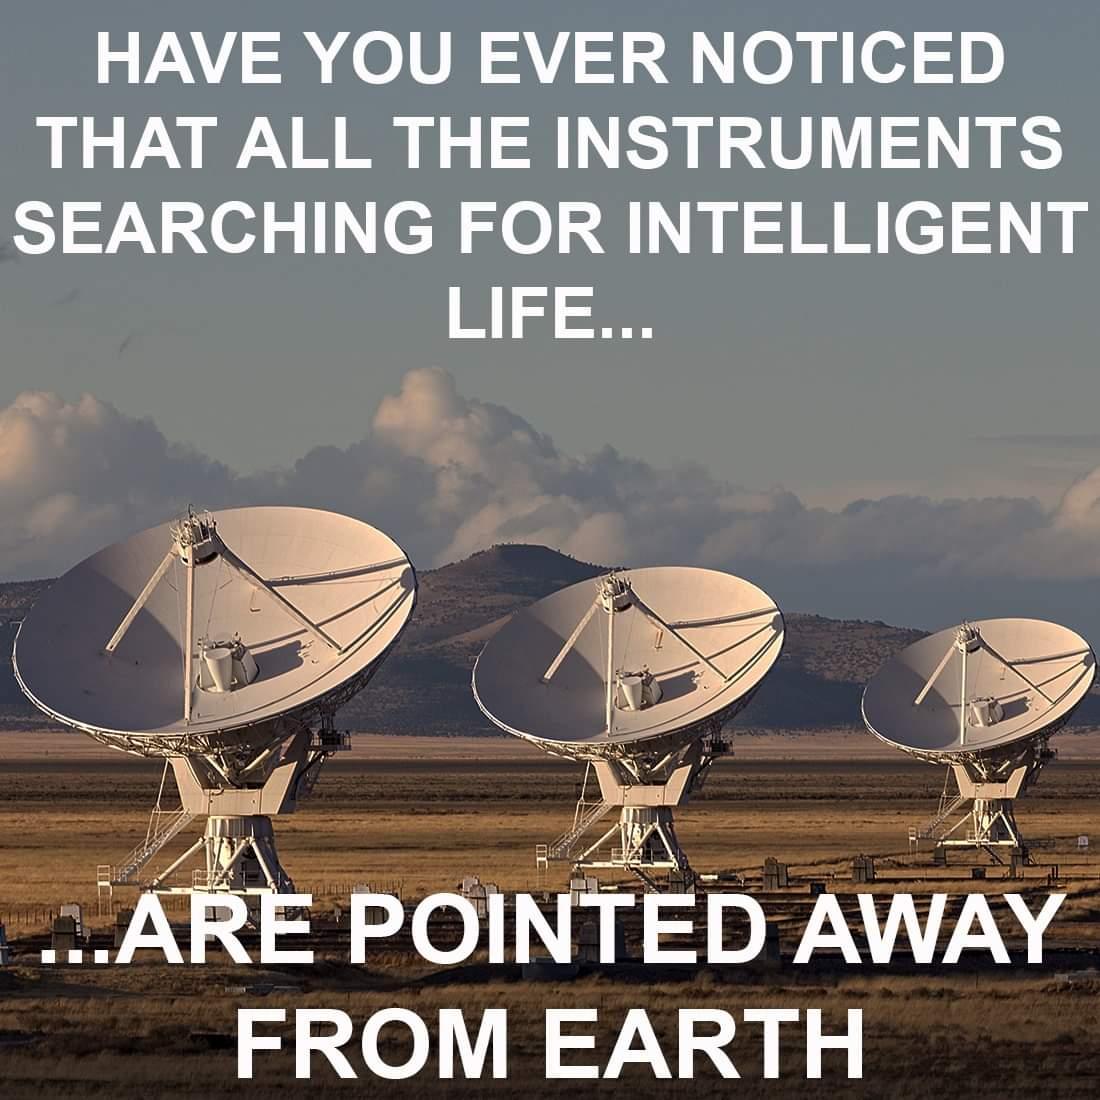 Obrázek Inteligentlife